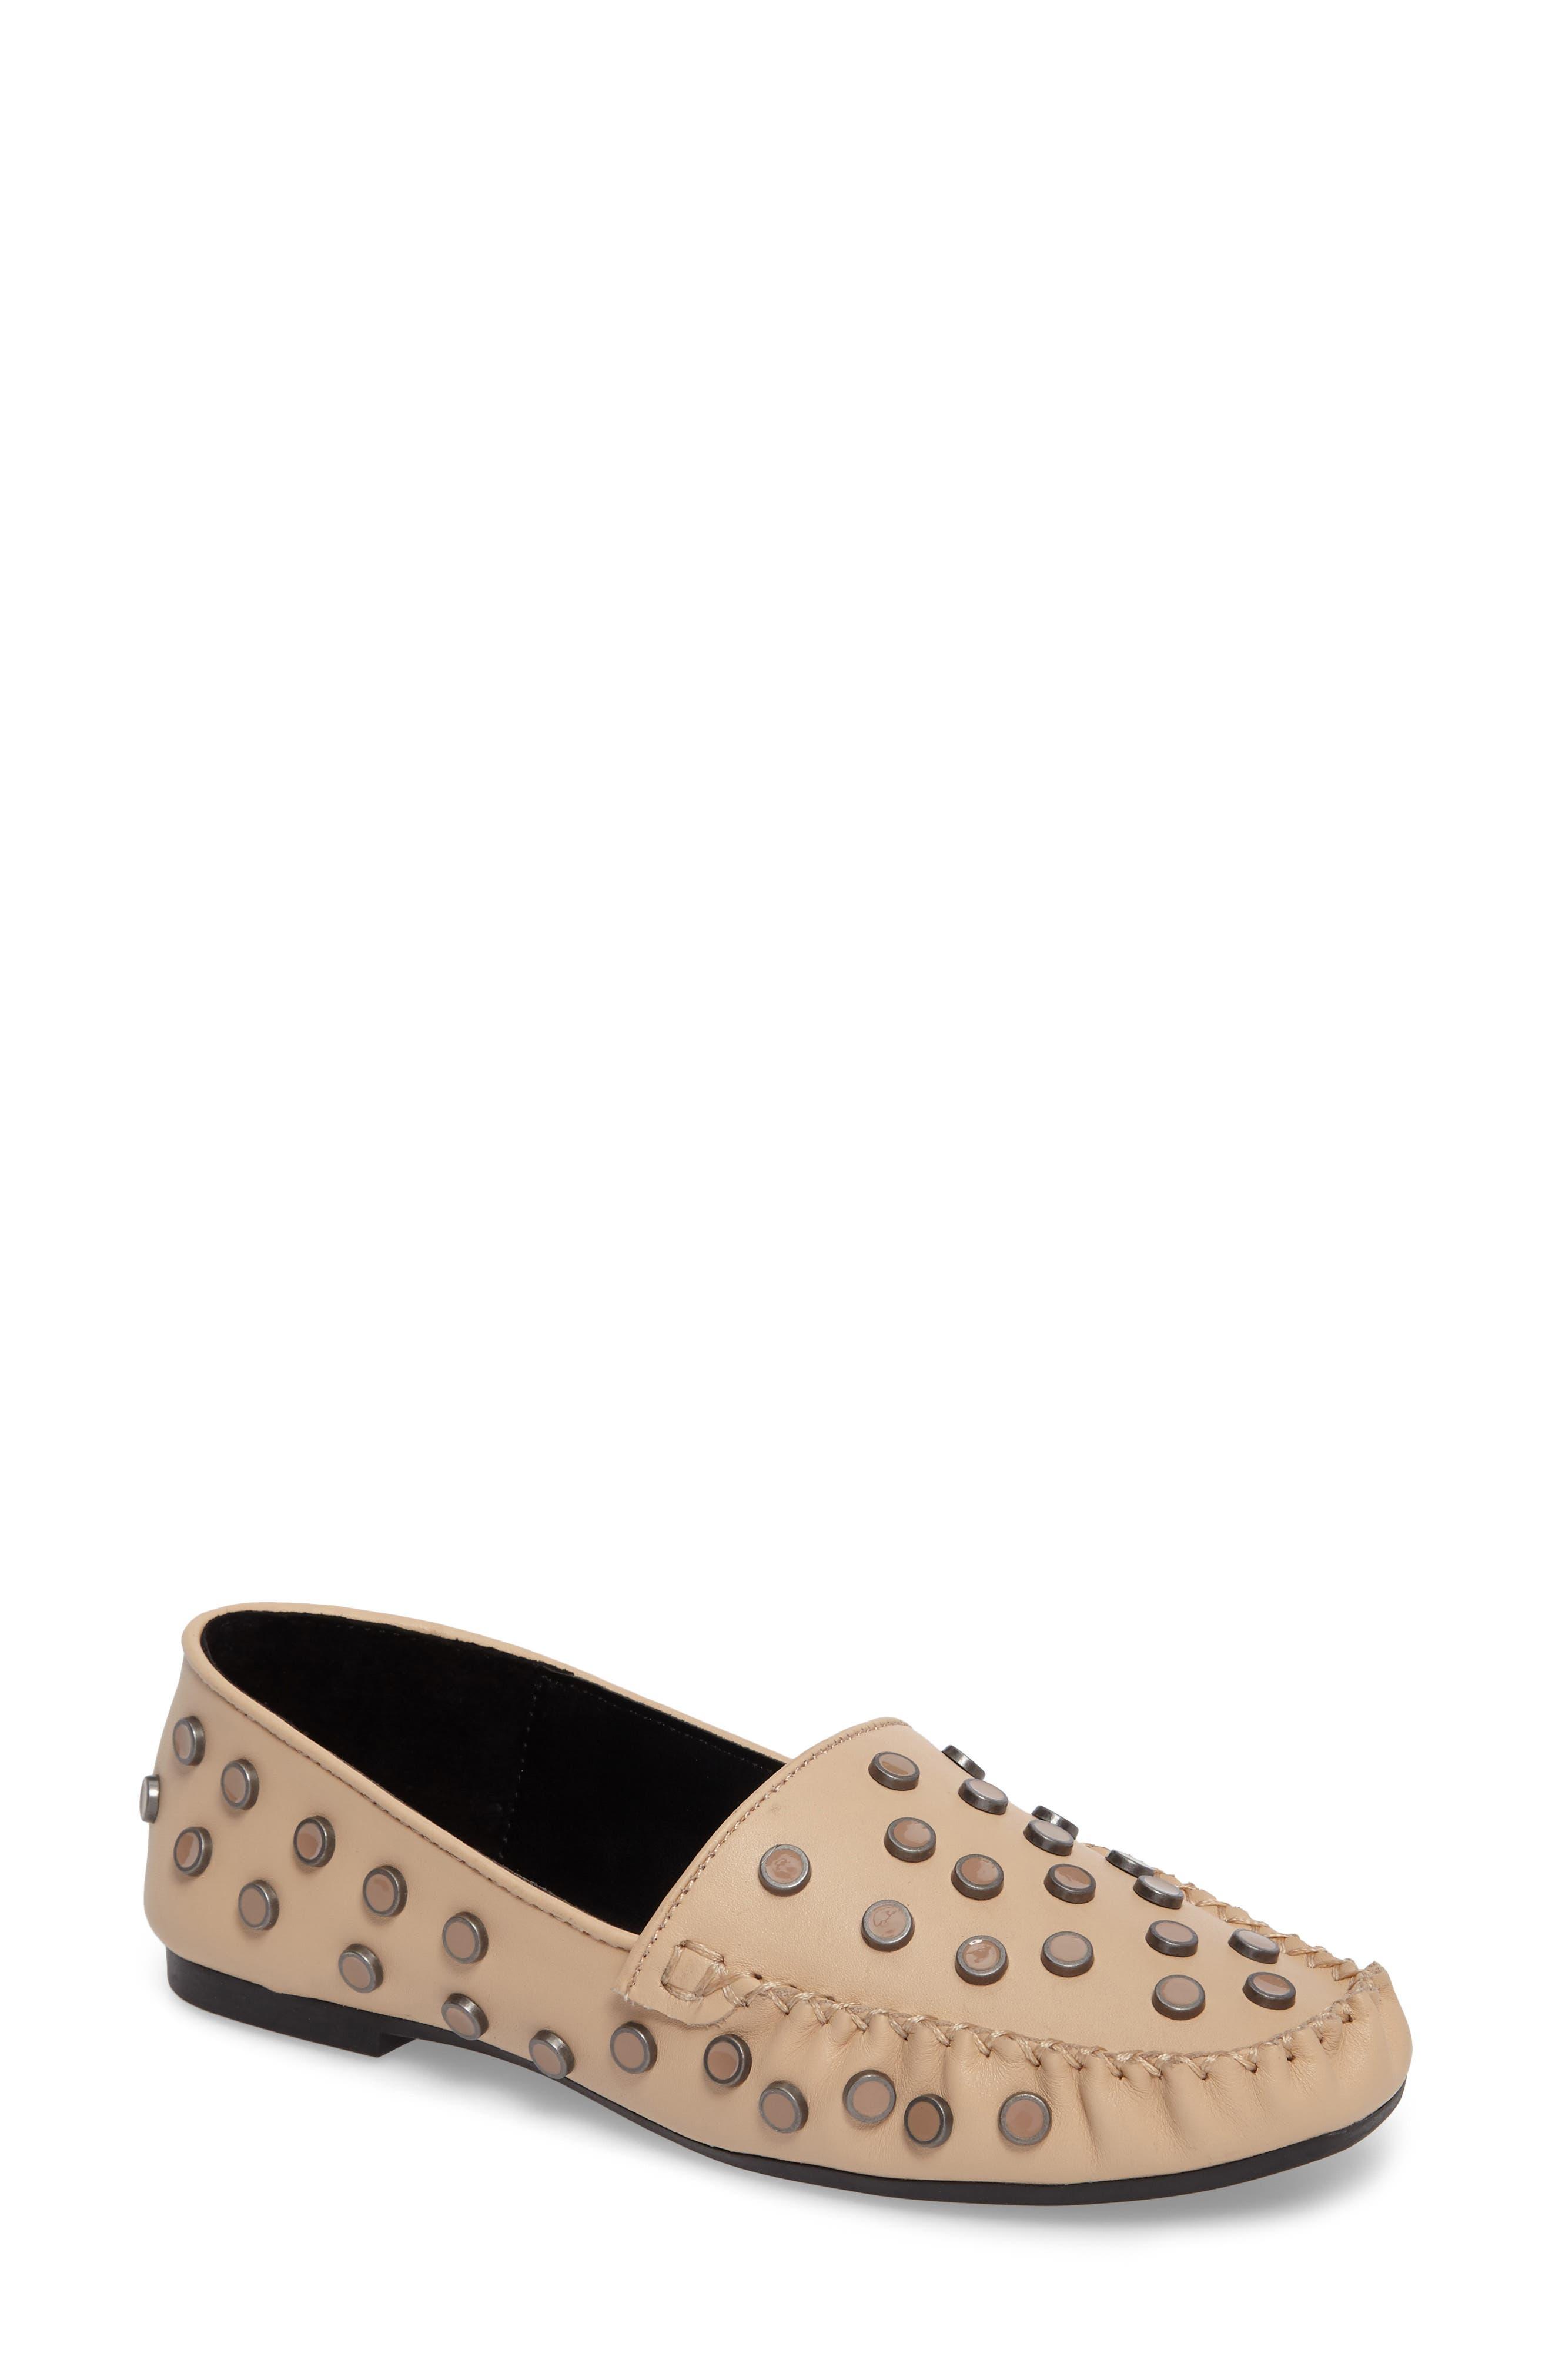 M4D3 Conneticut Loafer,                             Main thumbnail 1, color,                             Bisque Leather